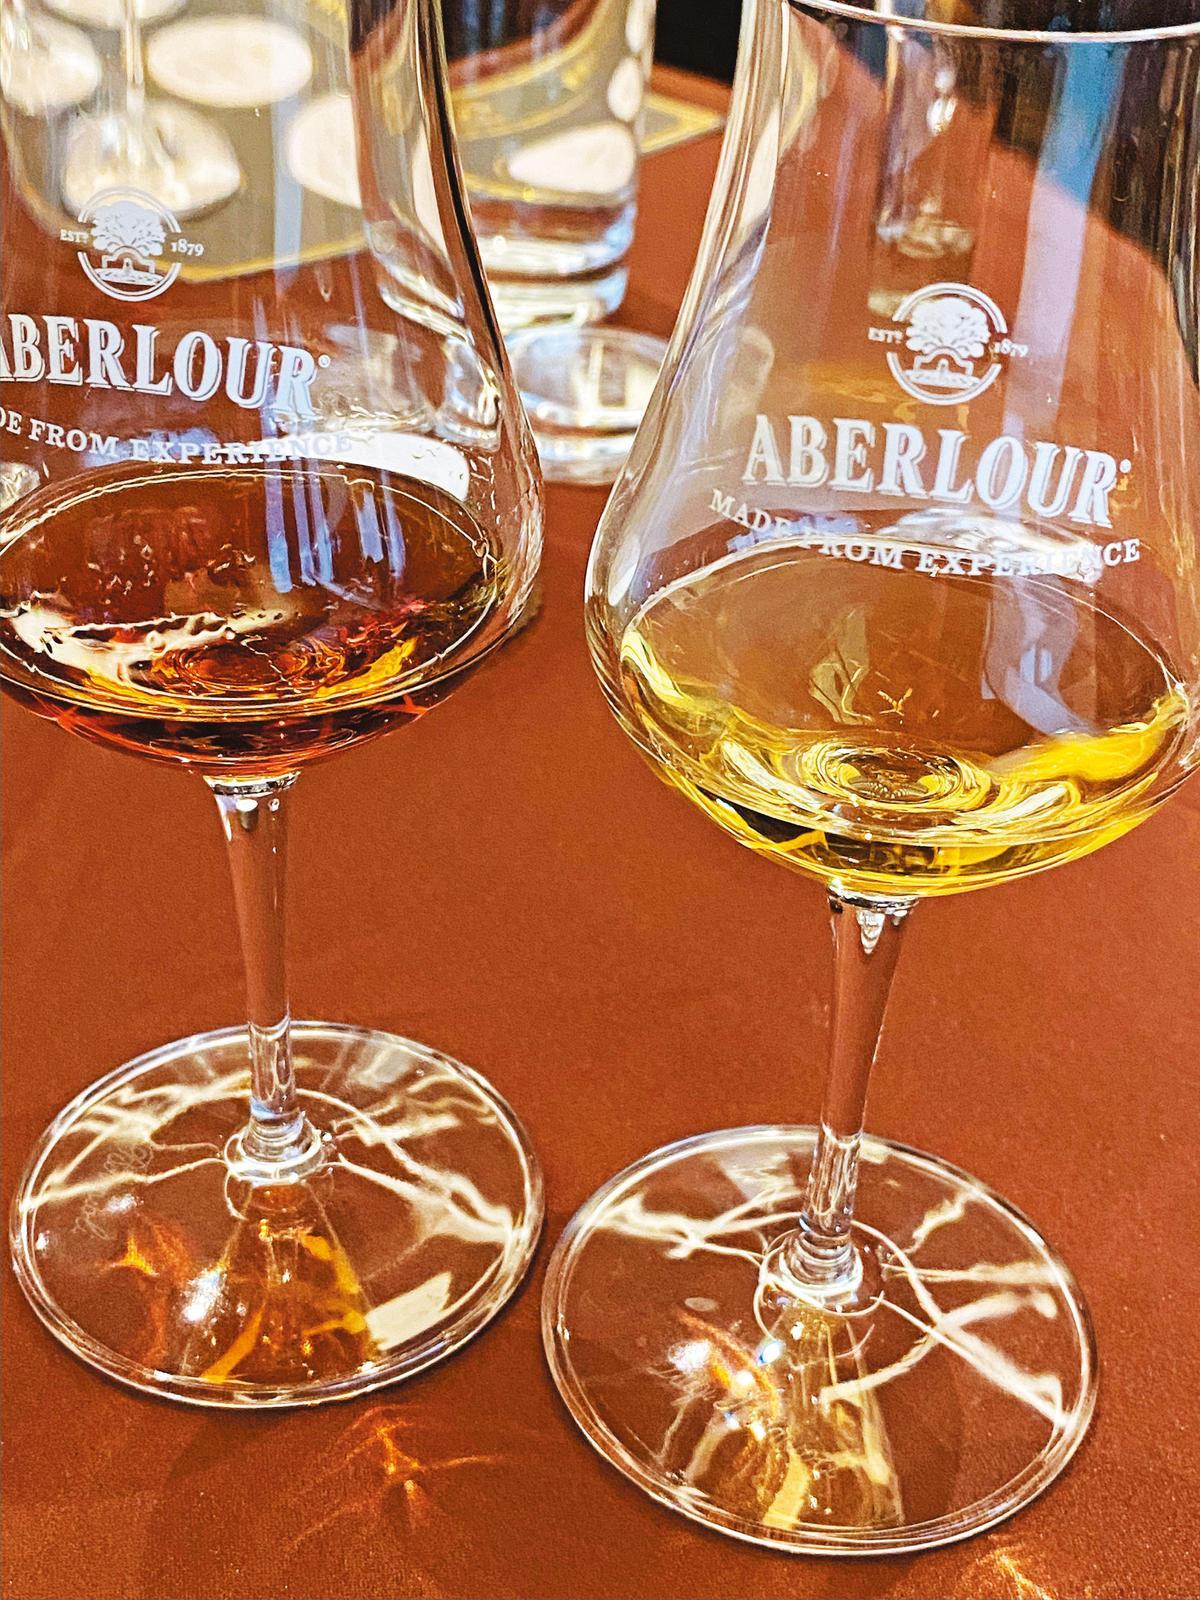 下半場的主角是亞伯樂,分別是21年單桶原酒(左),以及27年單桶原酒(右)。